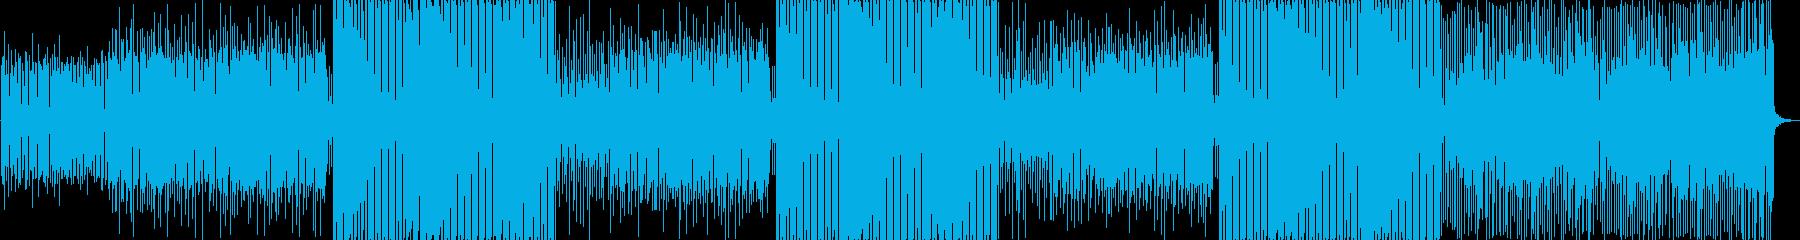 シンプルなエレクトロサウンドの再生済みの波形